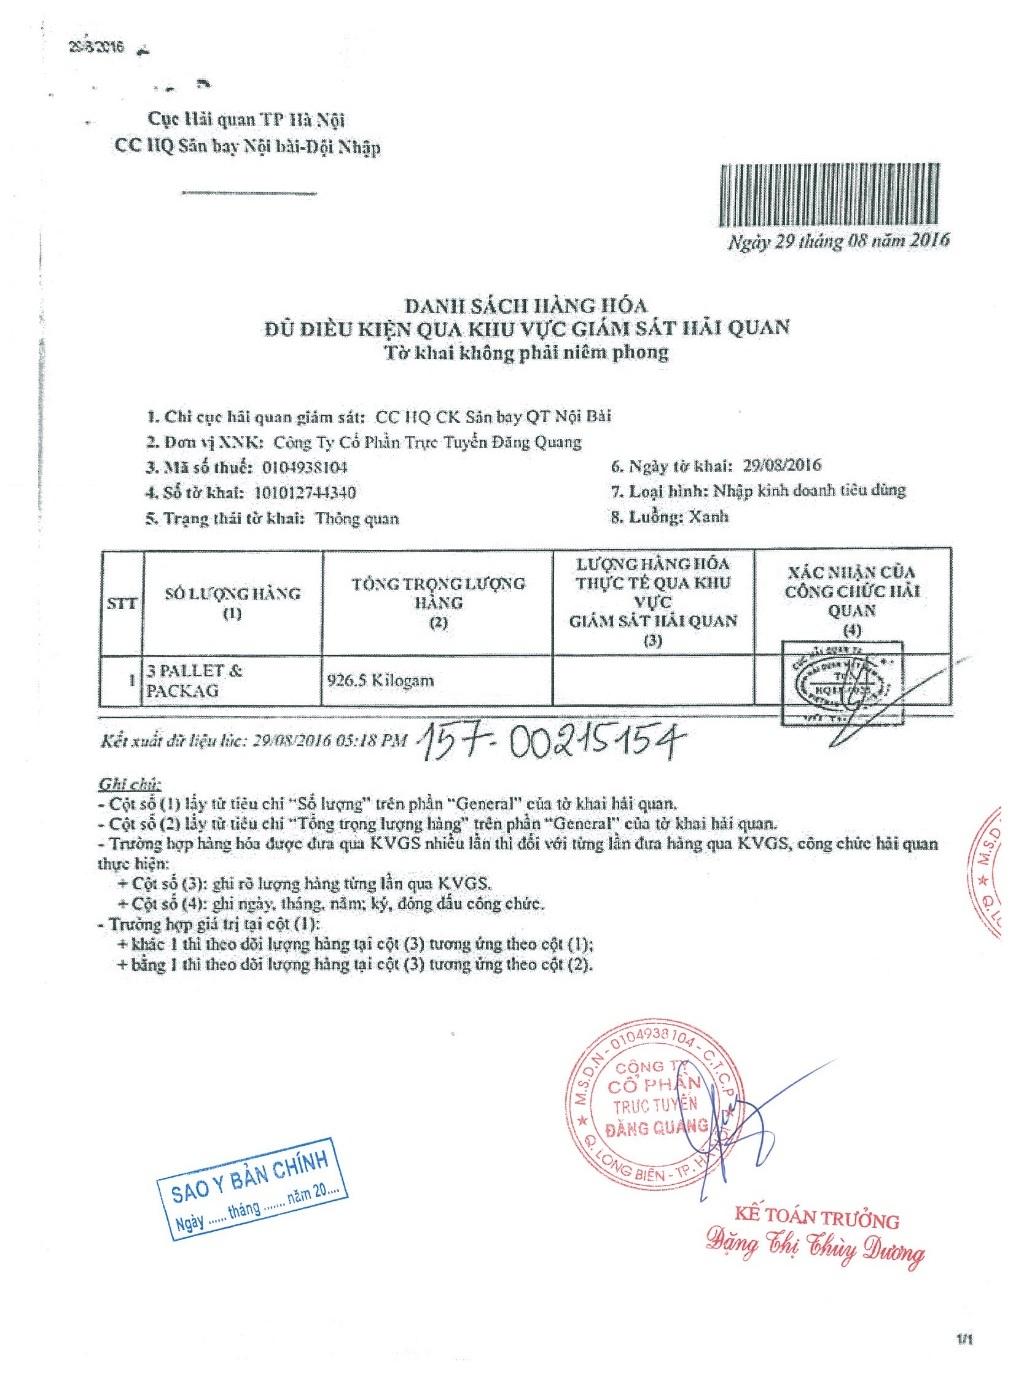 Đăng Quang Watch hỗ trợ đổi mới đồng hồ 56 triệu cho bạn - Ảnh 2.